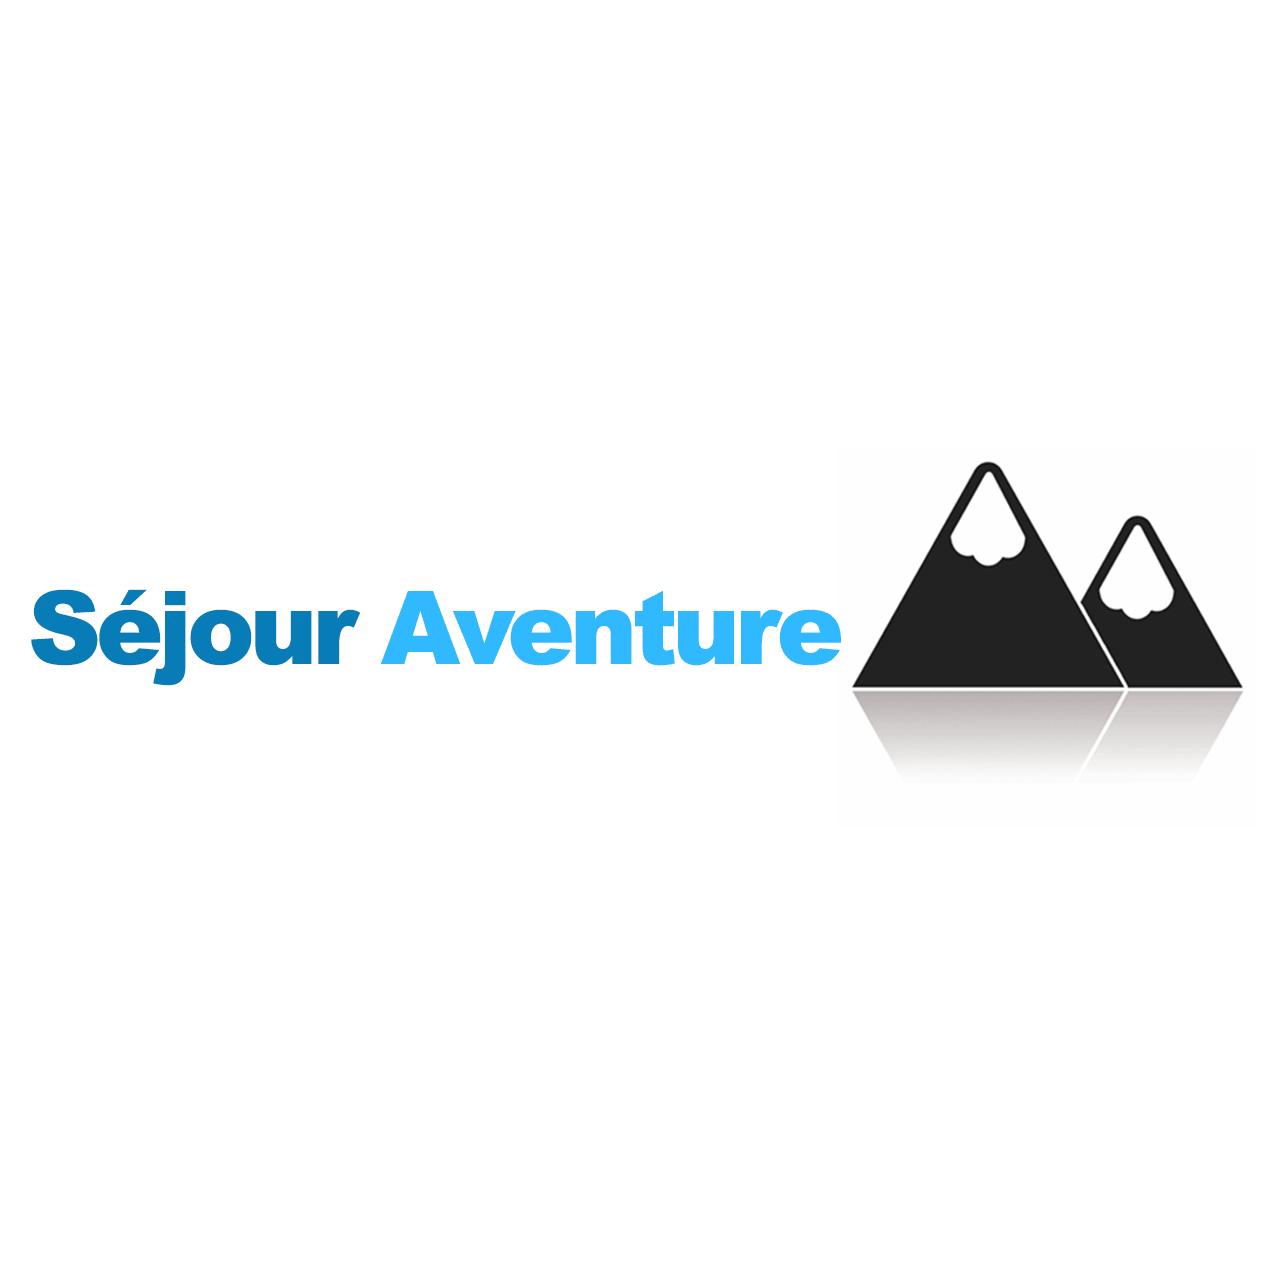 Séjours tout compris hébergement et activités en Haute-Savoie, France